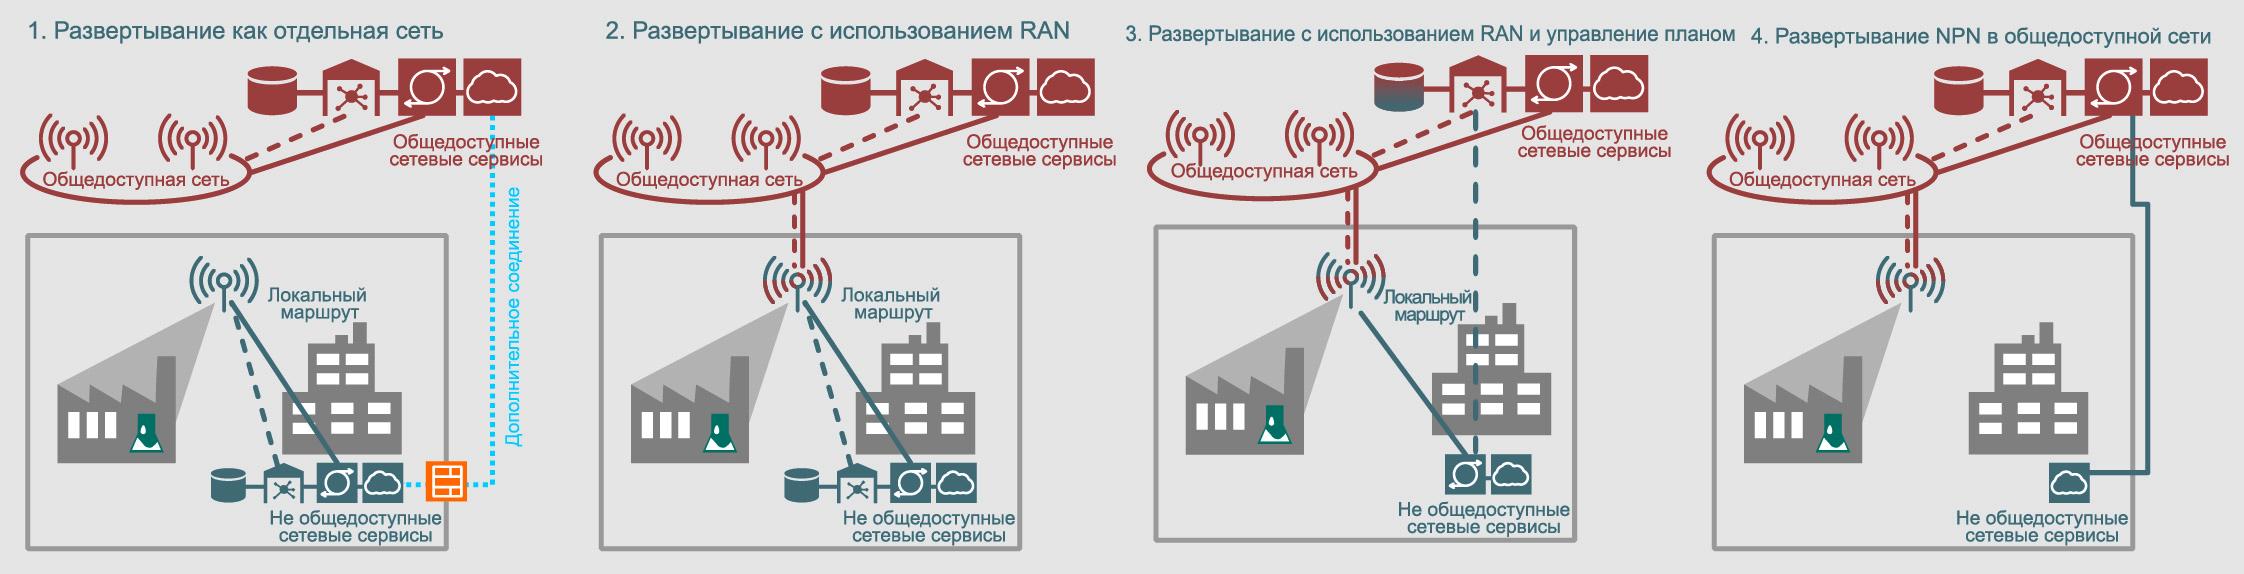 Варианты развертывания промышленных сетей 5G. Источник: 5G-ACIA